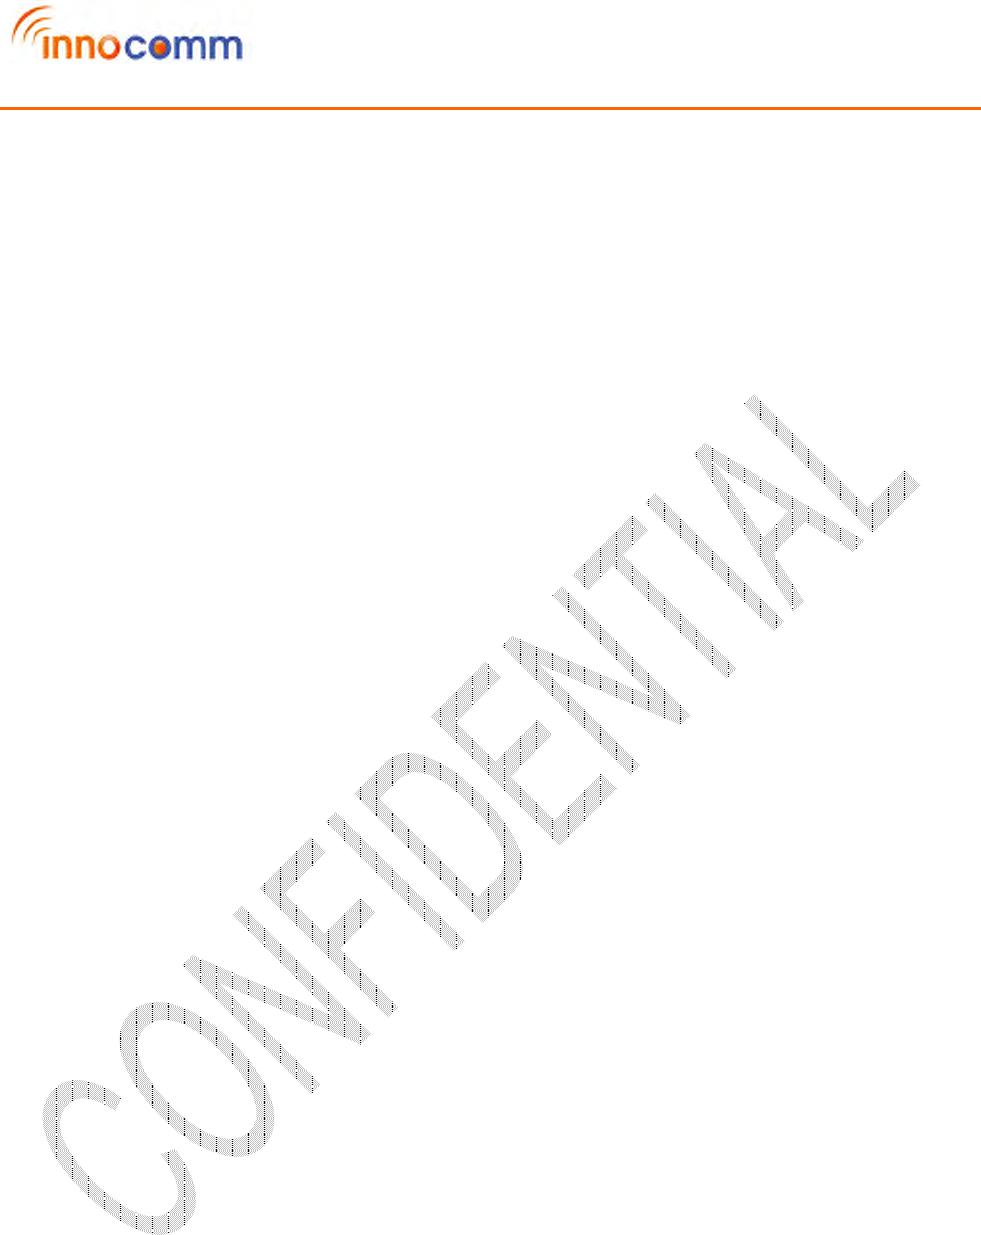 InnoComm Mobile Technology WM05-AN WiFi Module User Manual